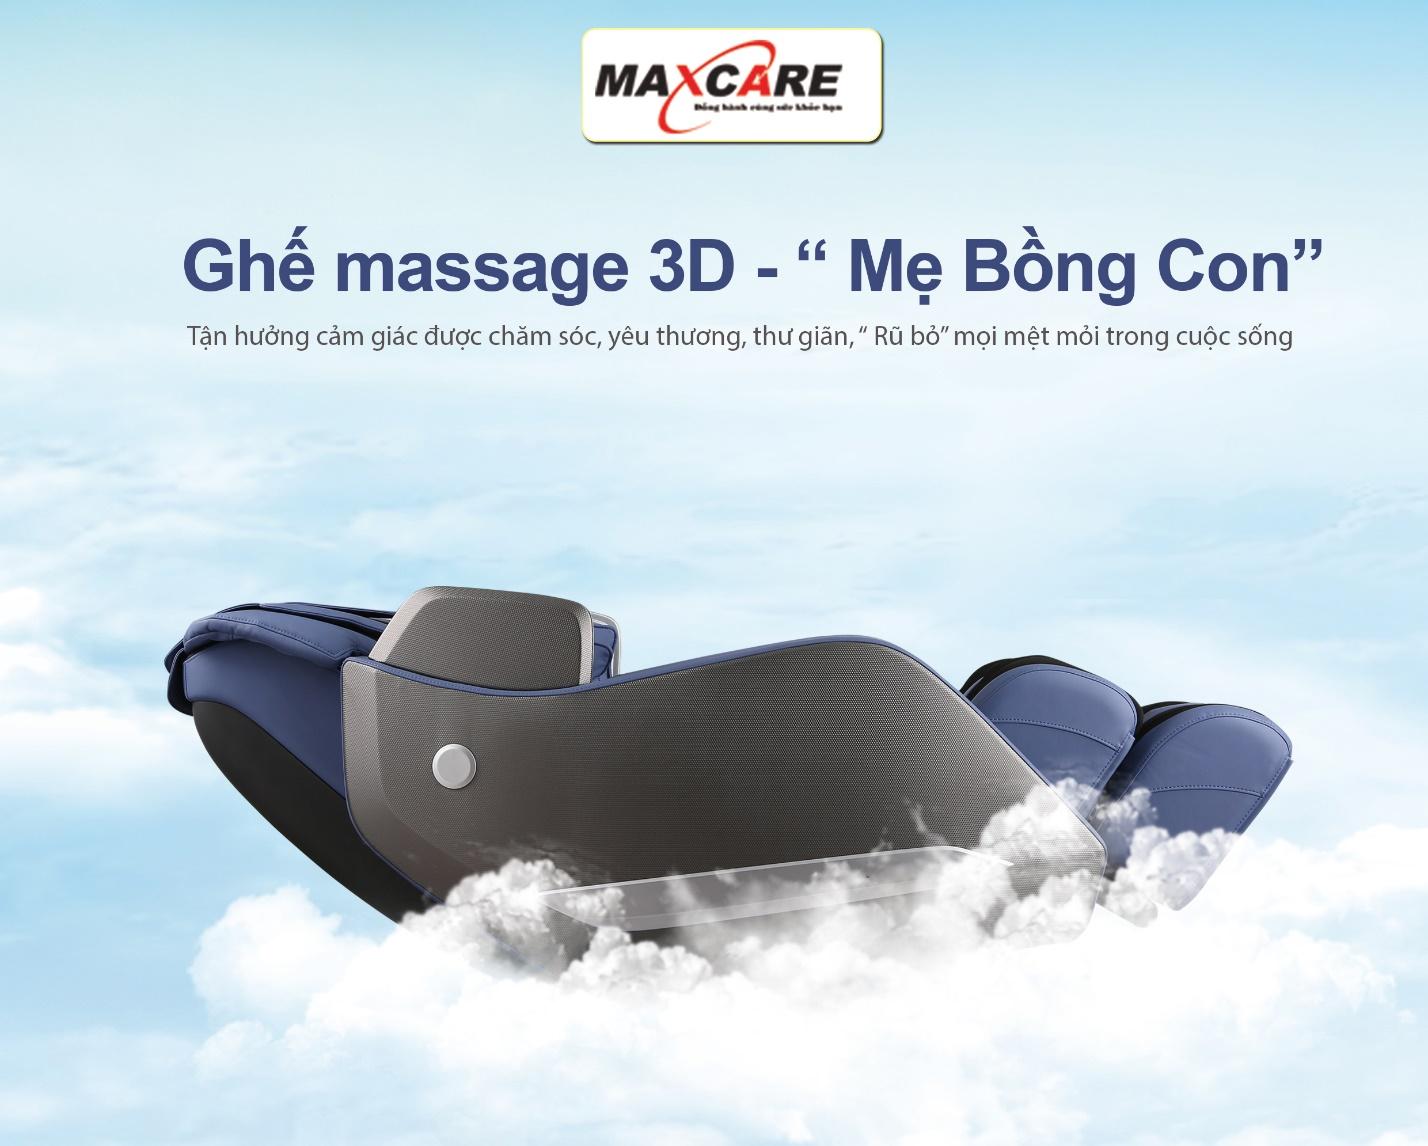 Ghế massage bập bênh Mẹ Bồng Con Maxcare Max669 – Với nhiều cải tiến hiện đại.